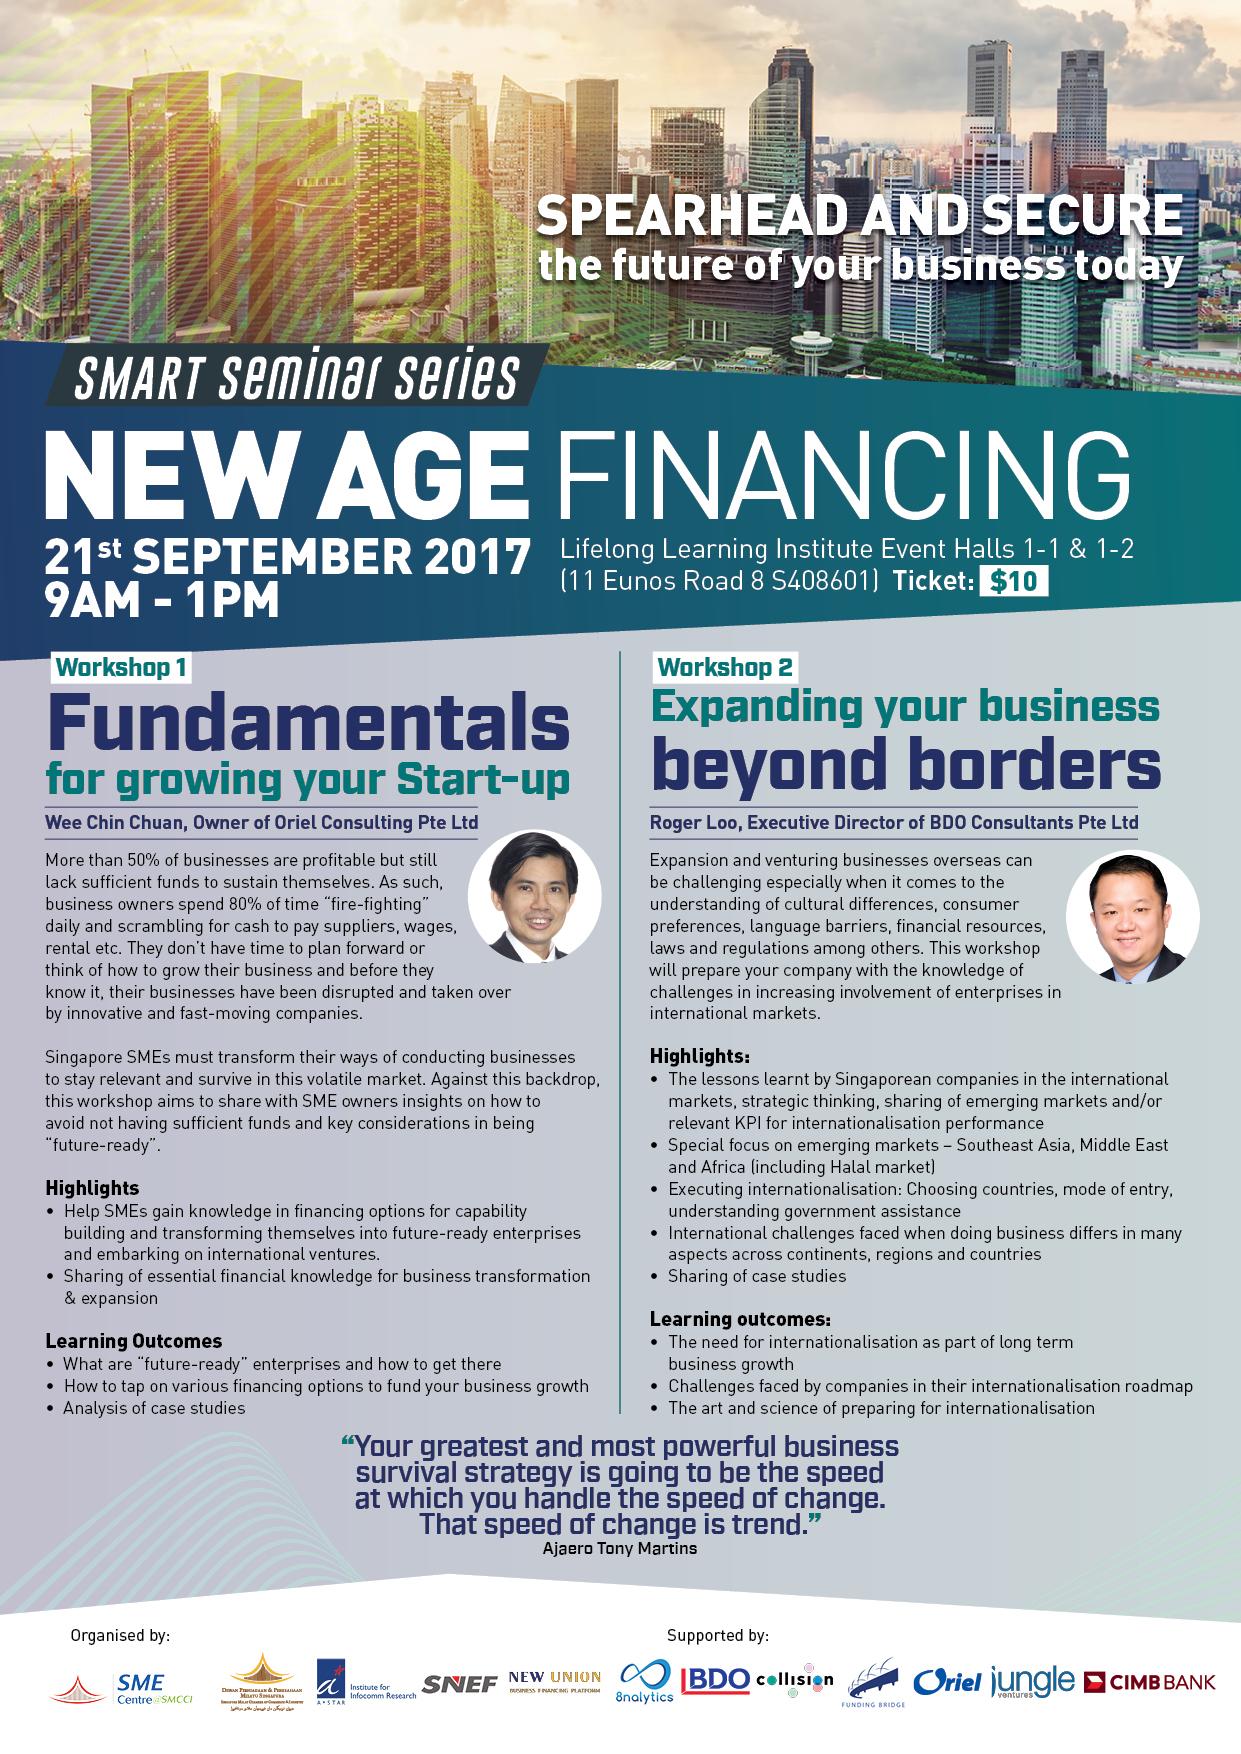 SSS New Age Financing Workshop SessionV1